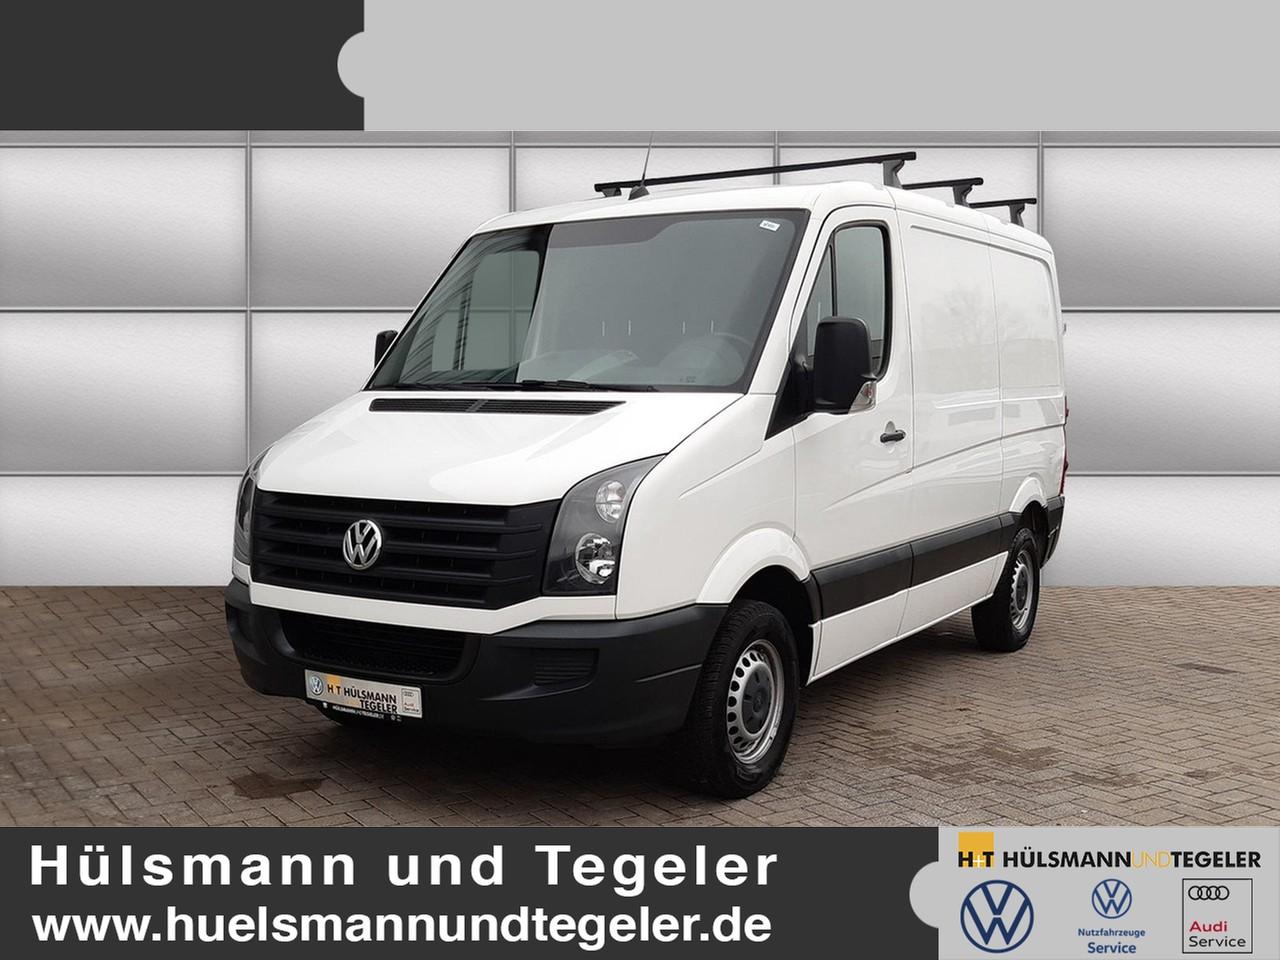 Volkswagen Crafter 30 2.0 TDI, Jahr 2014, Diesel